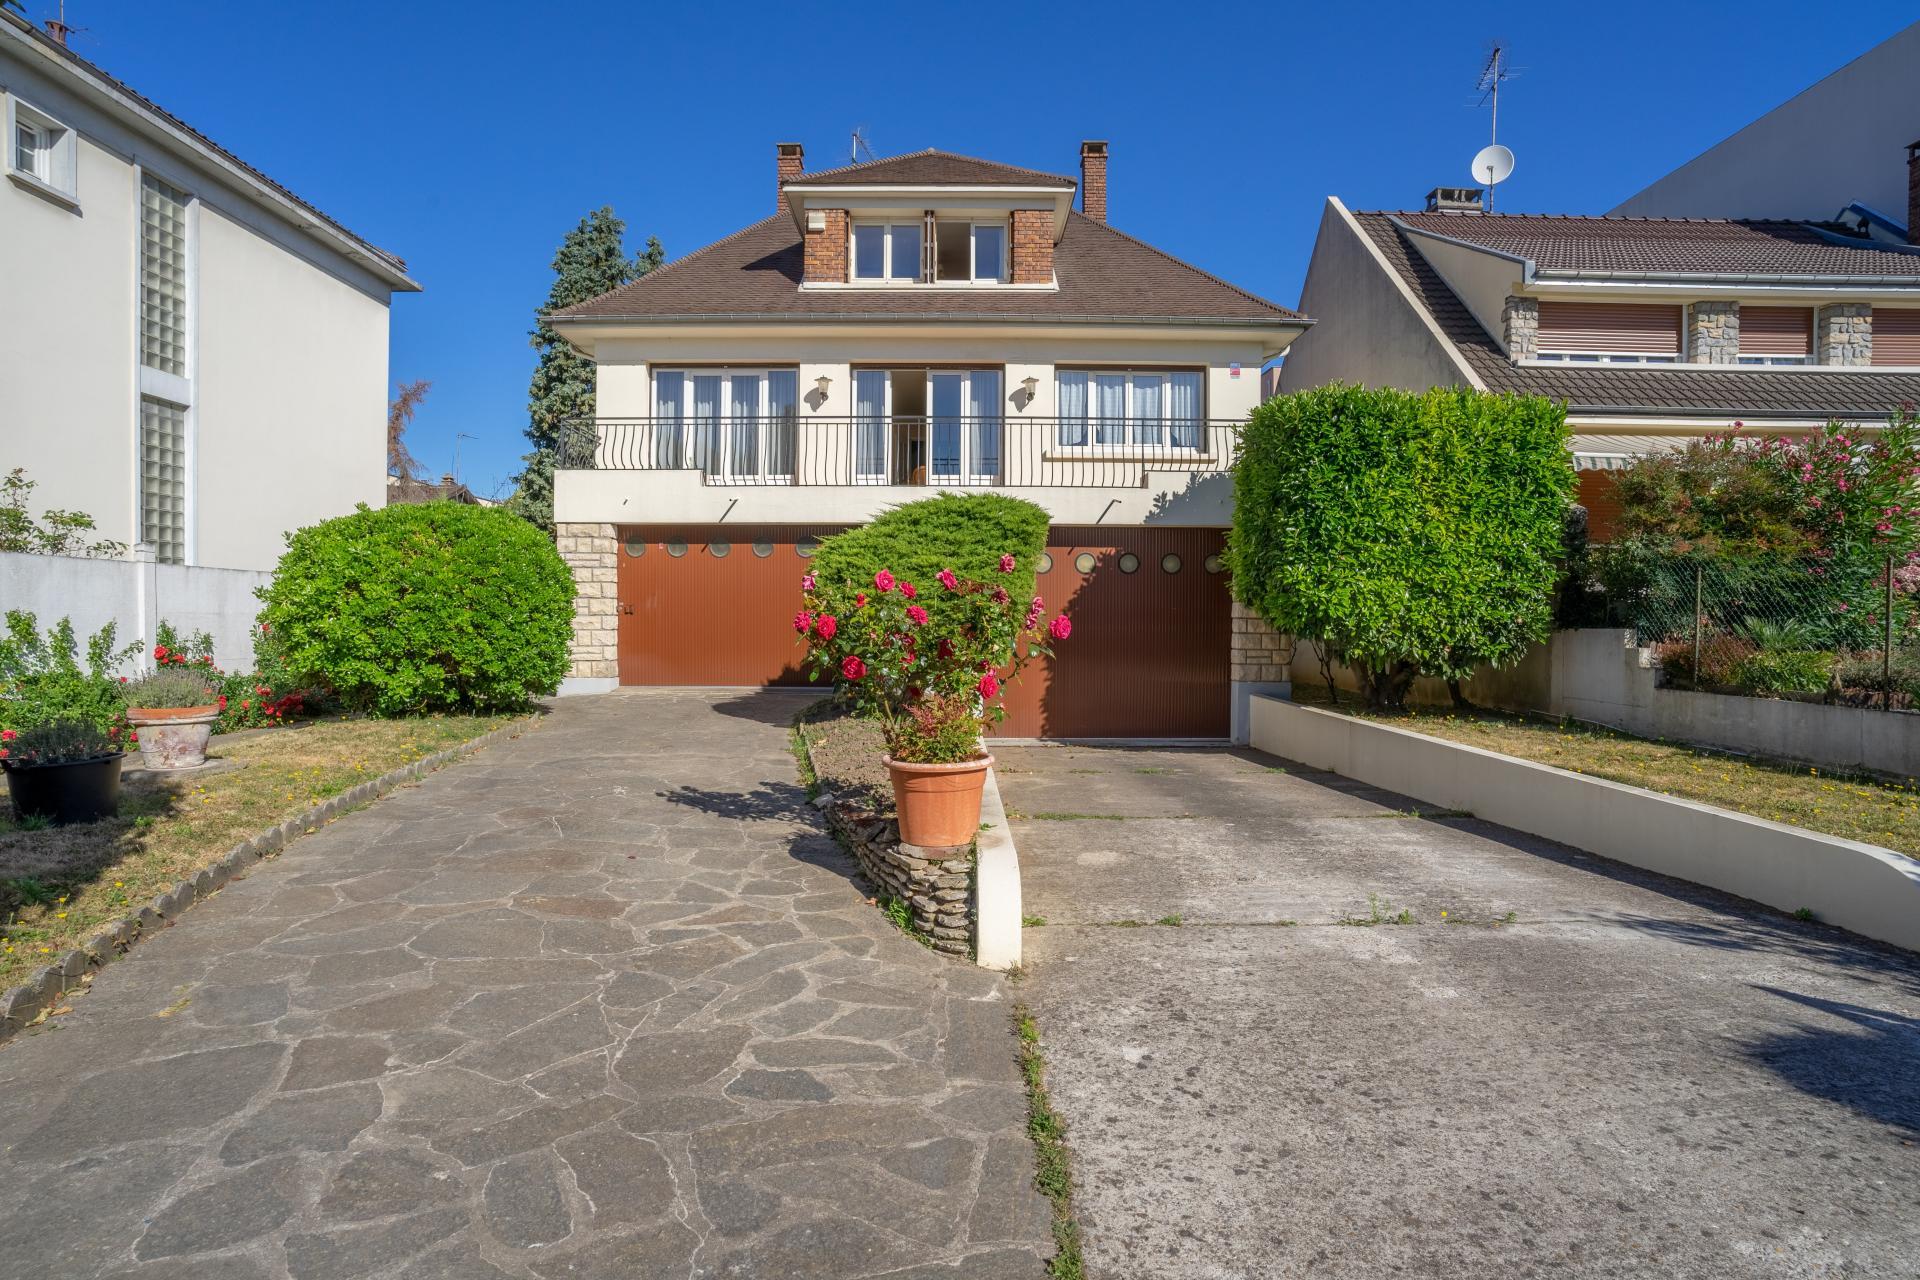 """Maison - idéalement située - gros potentiel - 5 minutes à pied de la station Louis Aragon-Villejuif (ligne 7) au quartier du """"Plateau"""" à Vitry-Su r-Seine"""